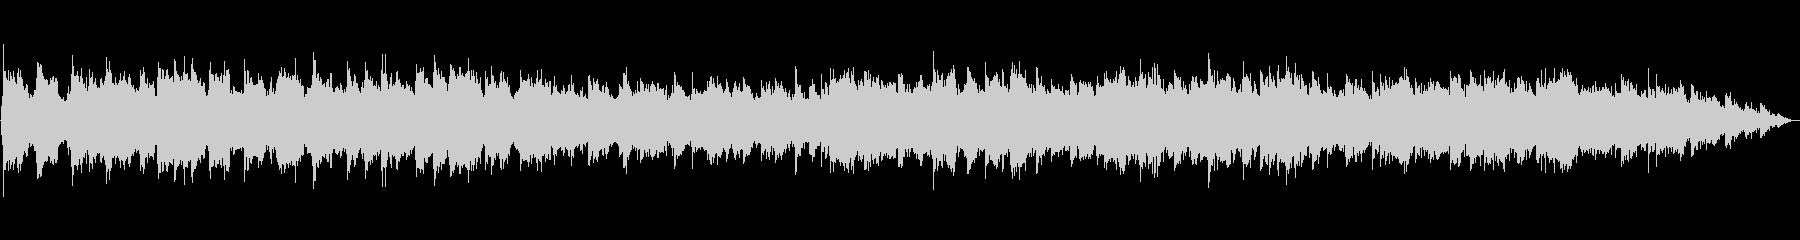 生演奏の笛のヒーリングミュージックの未再生の波形